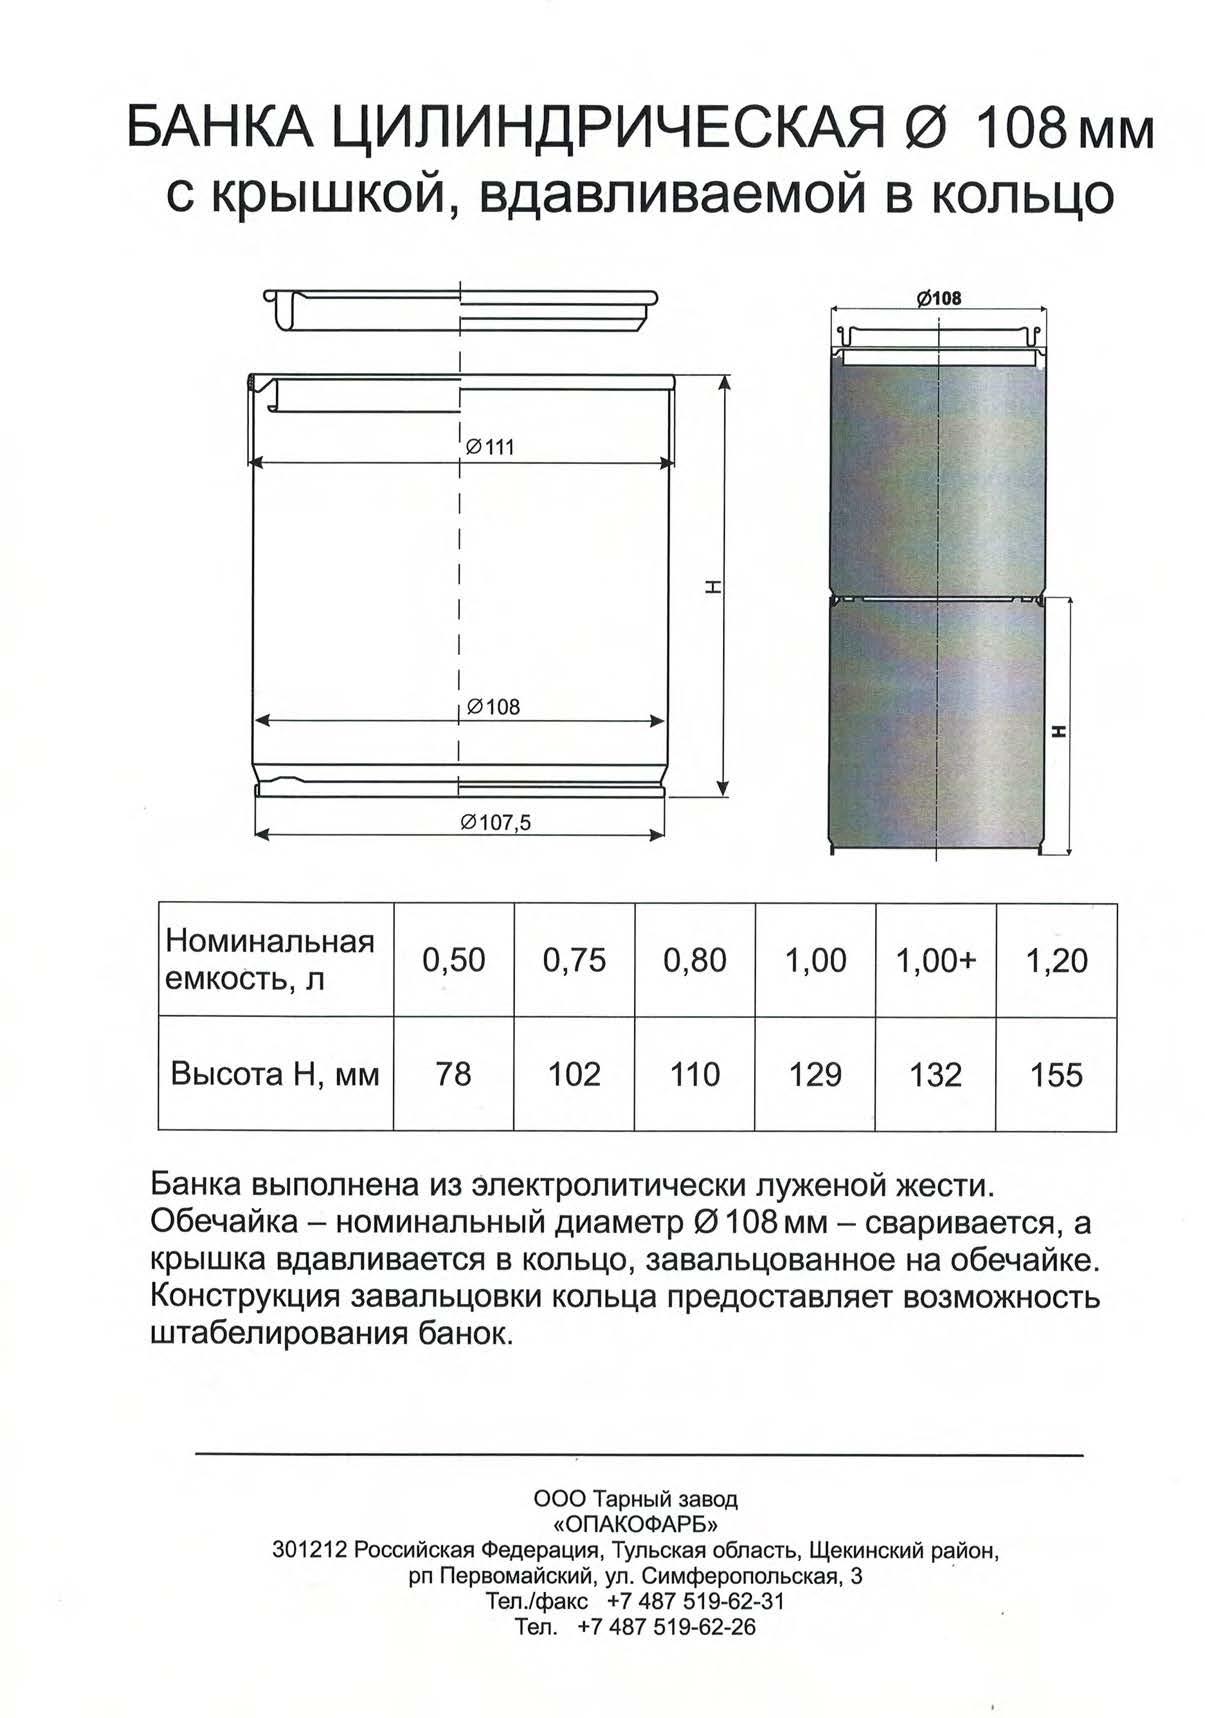 Banka 108_ vdavlivaemoe_koltso